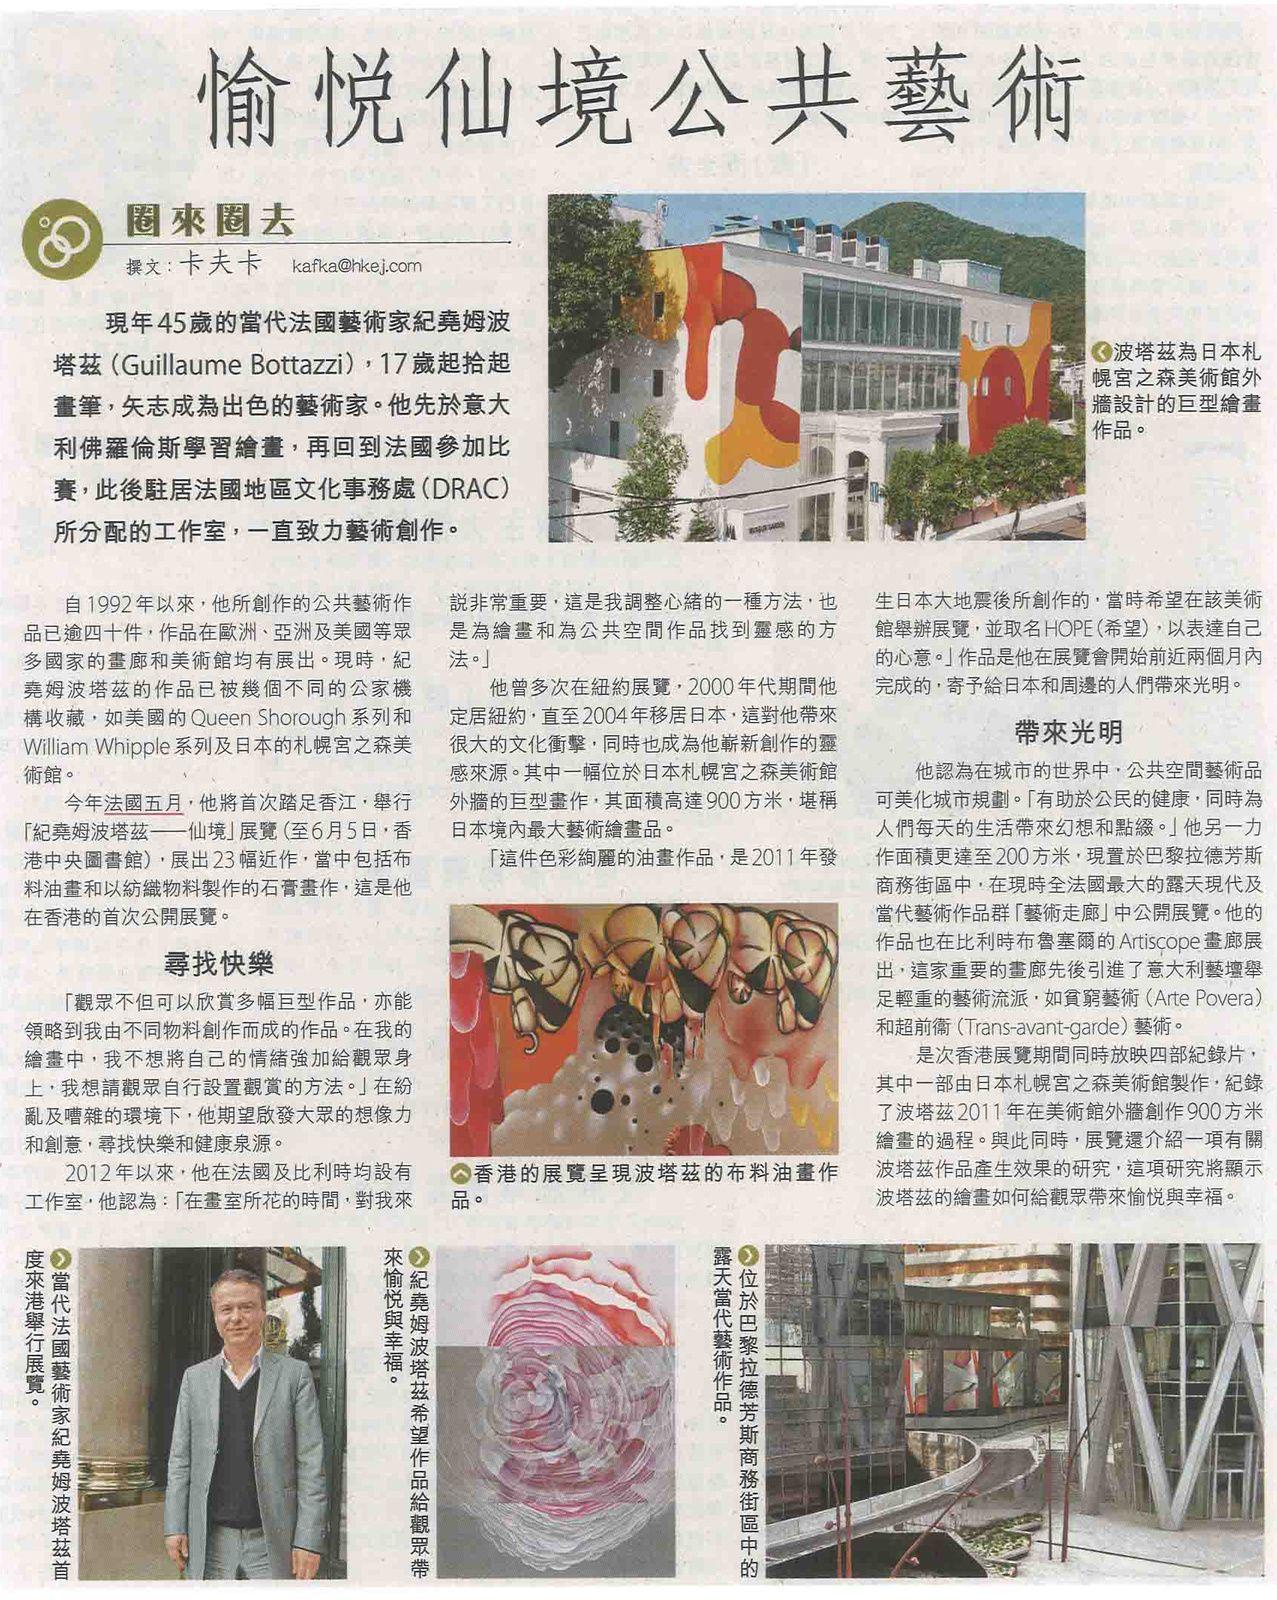 Hong Kong Economic Journal 2016 May 24th